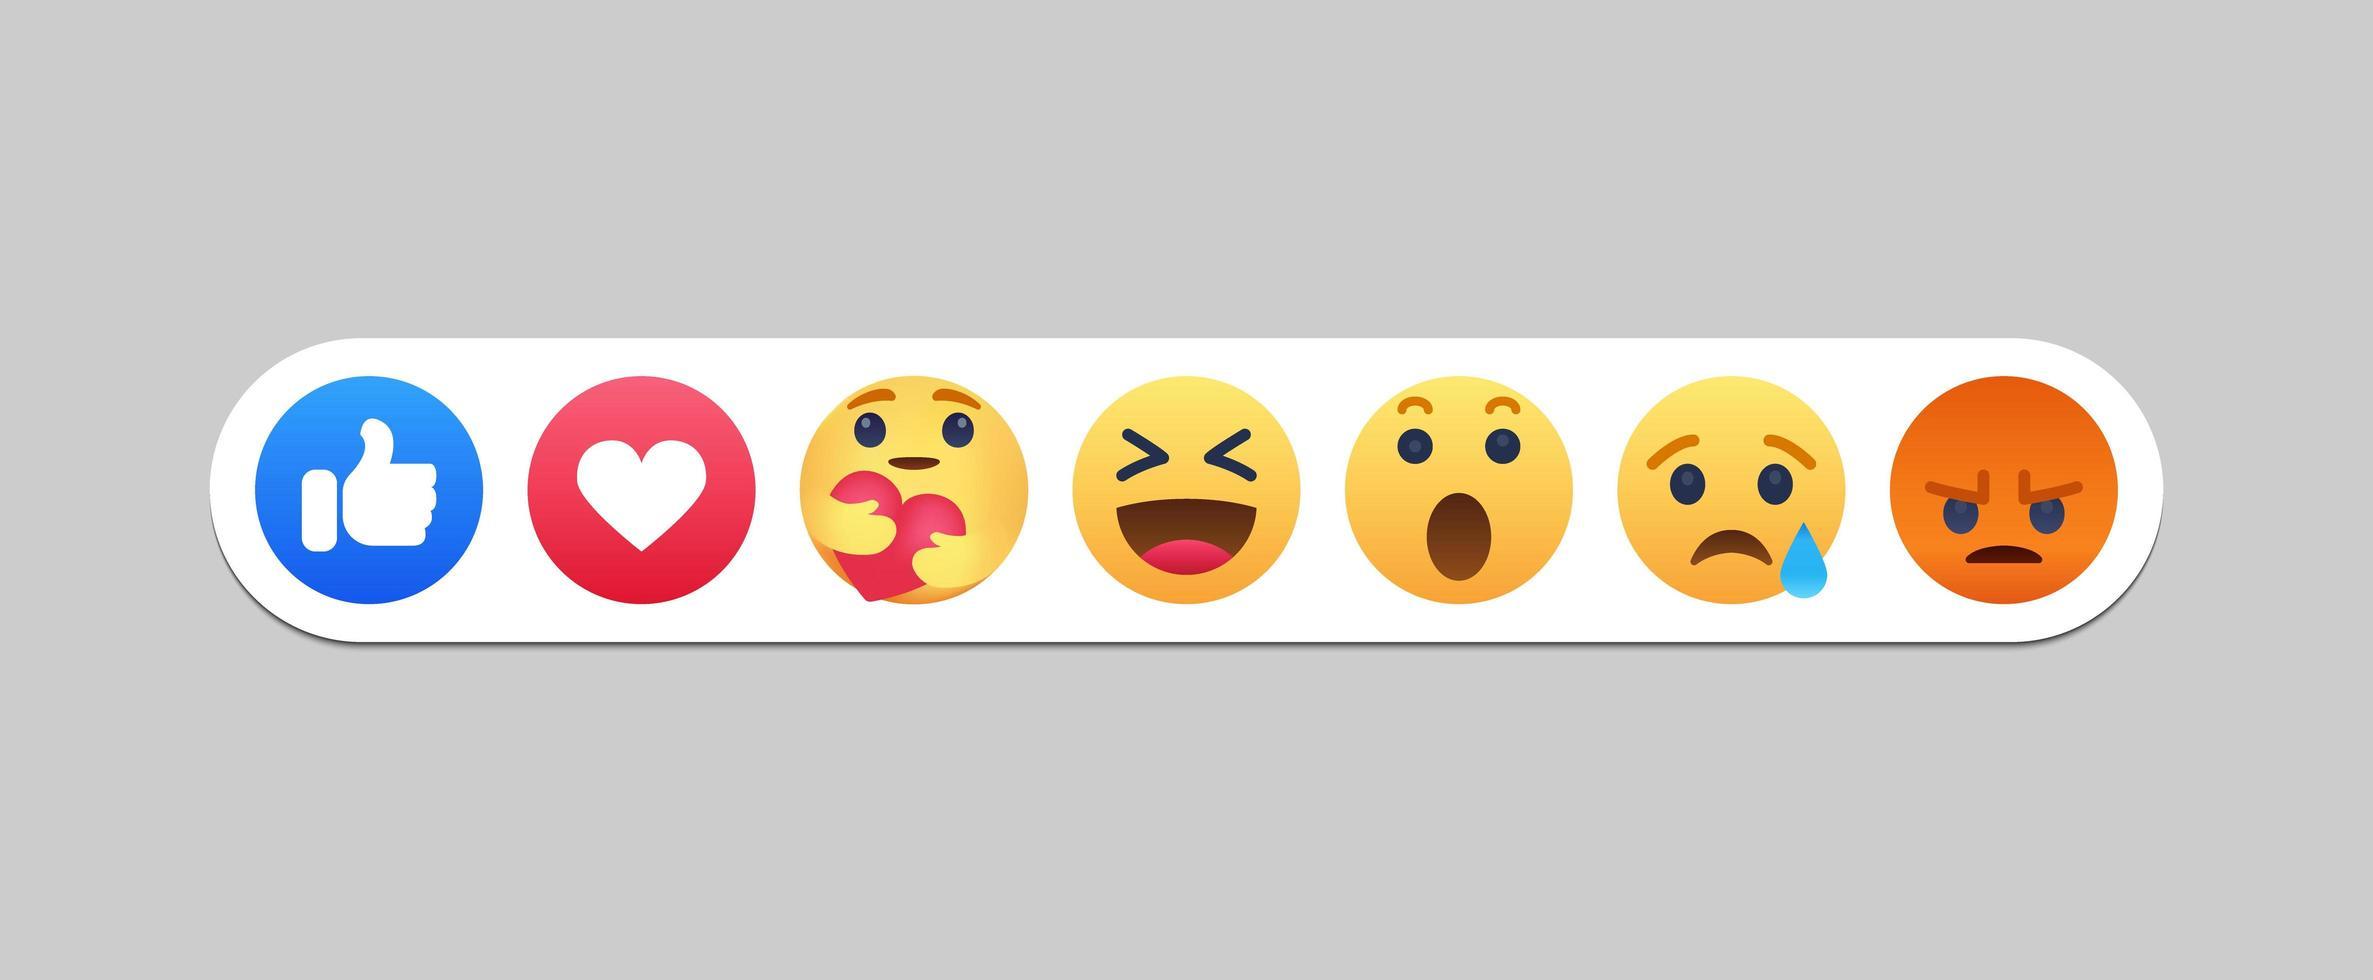 Symbole für soziale Netzwerkreaktionen von Emoji vektor